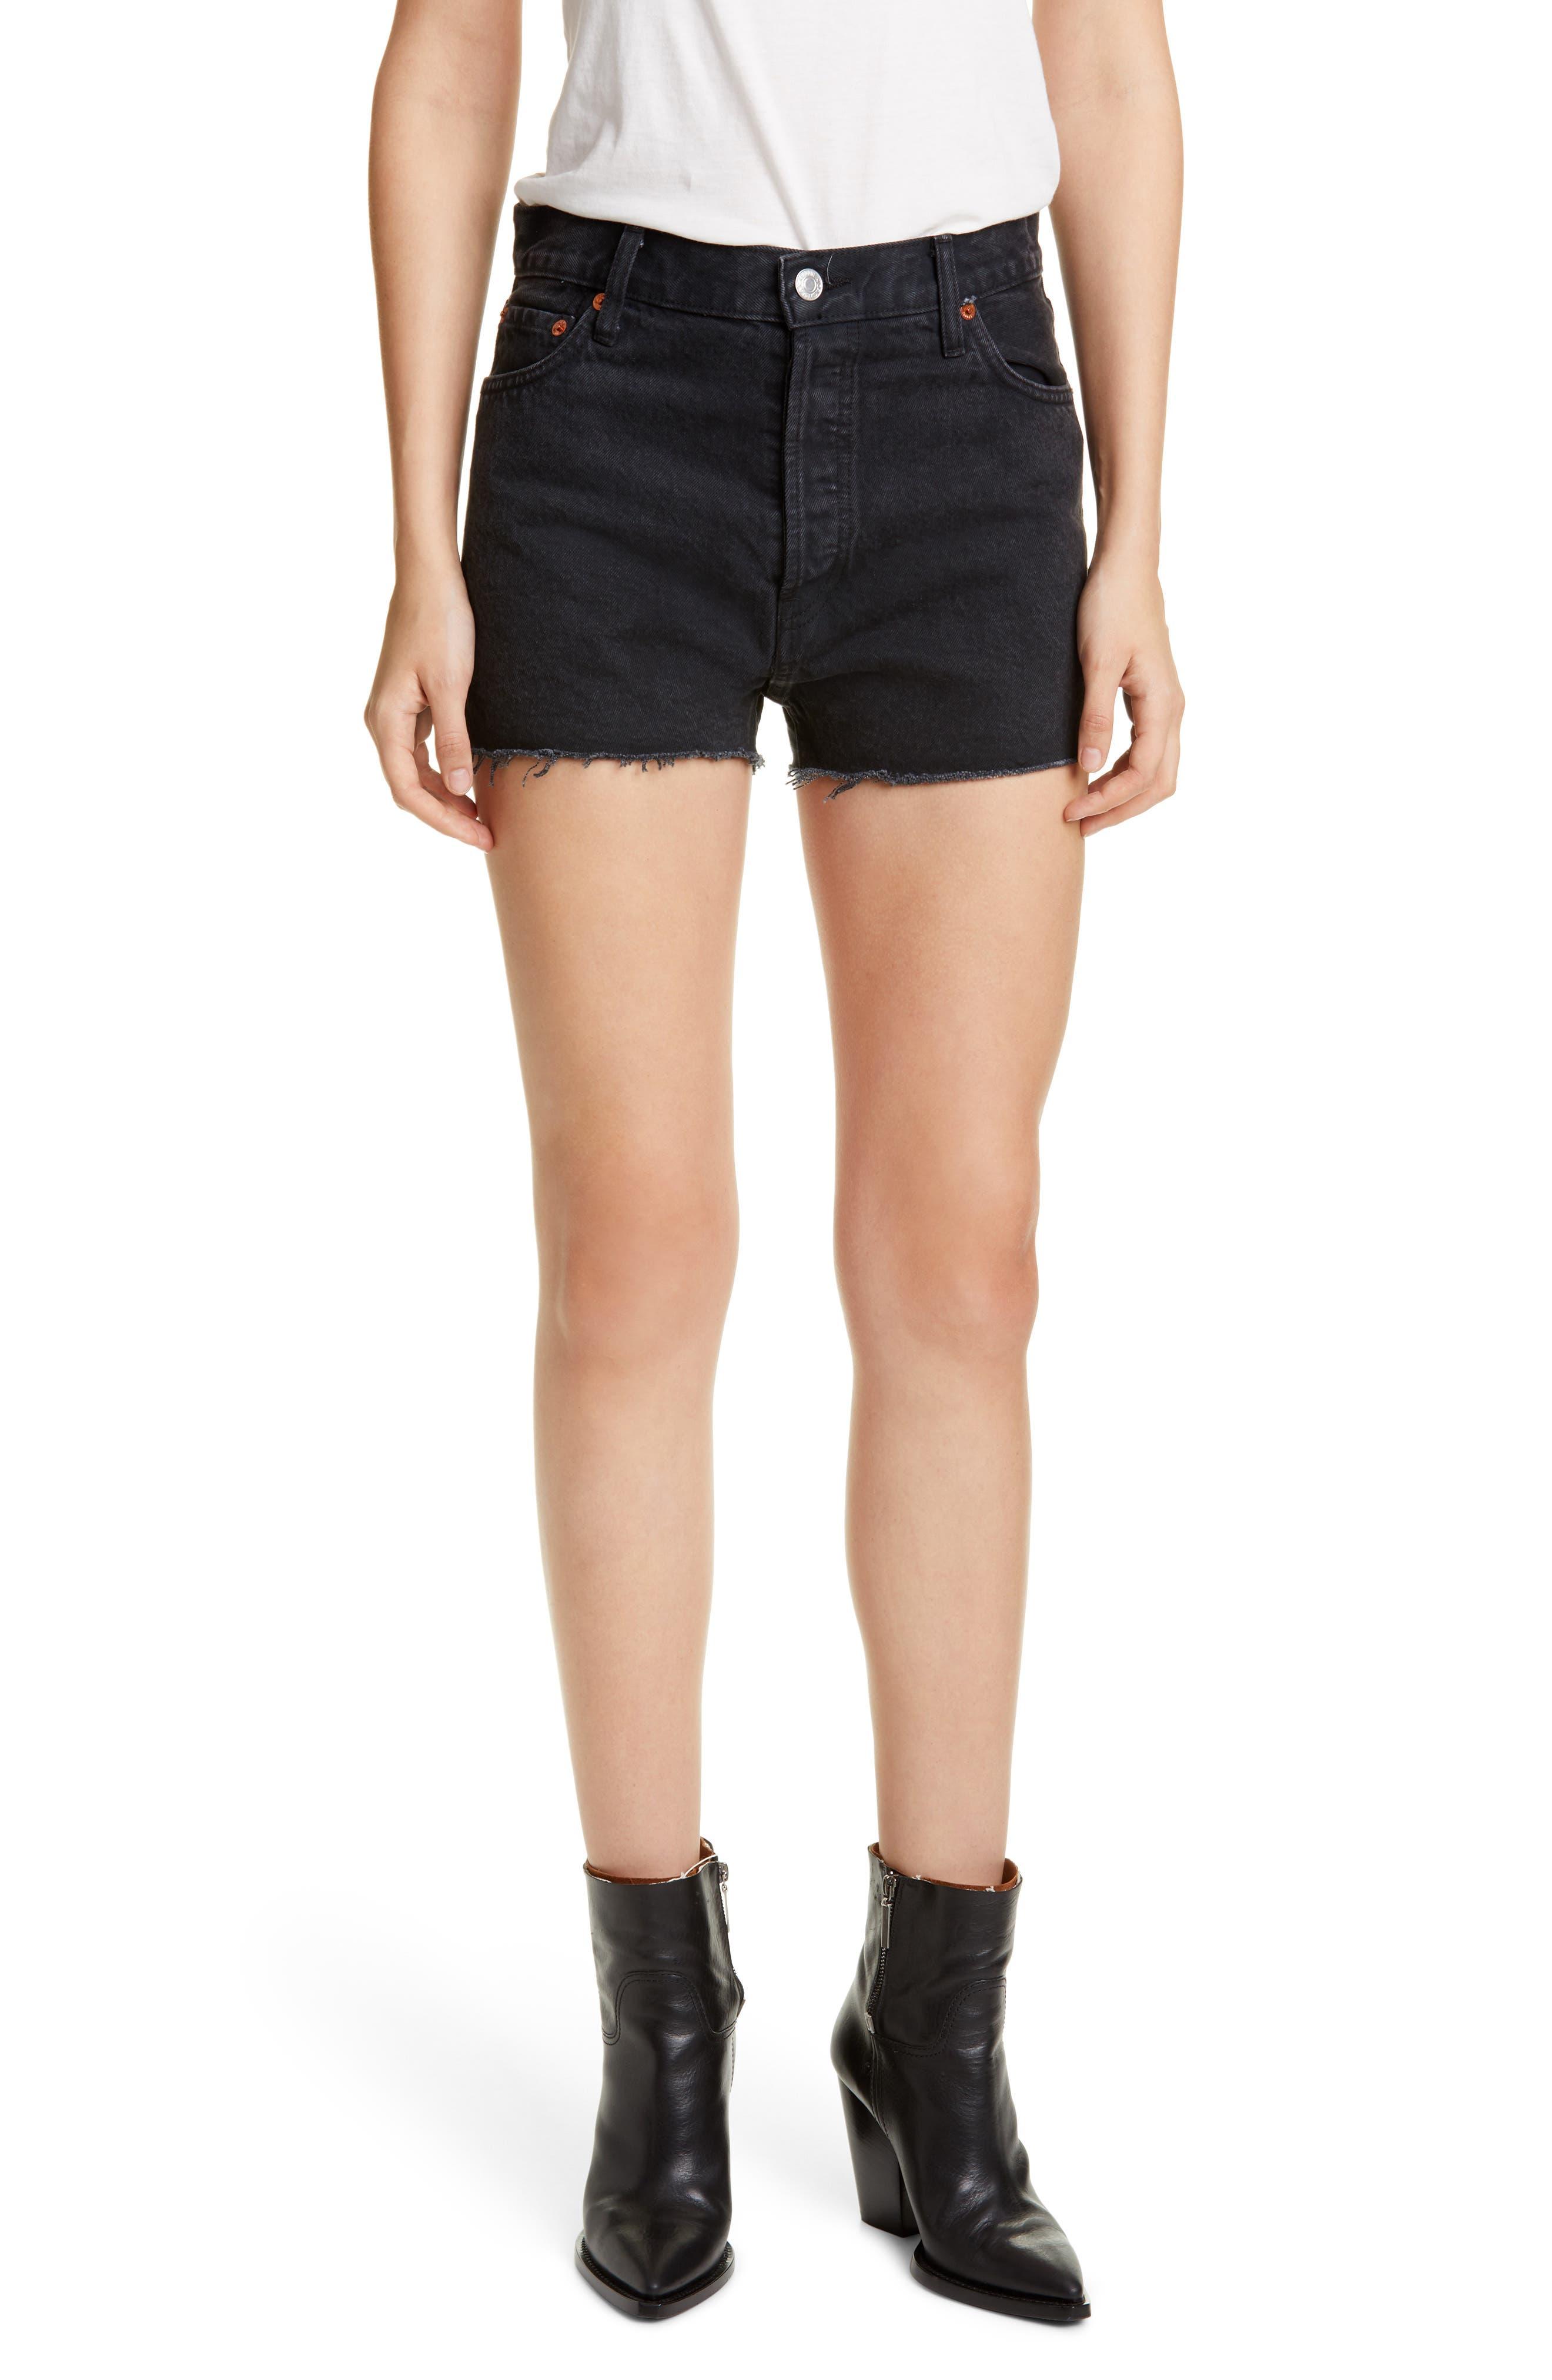 Vintage High Waisted Shorts, Sailor Shorts, Retro Shorts Womens Redone High Waist Cutoff Denim Shorts $195.00 AT vintagedancer.com